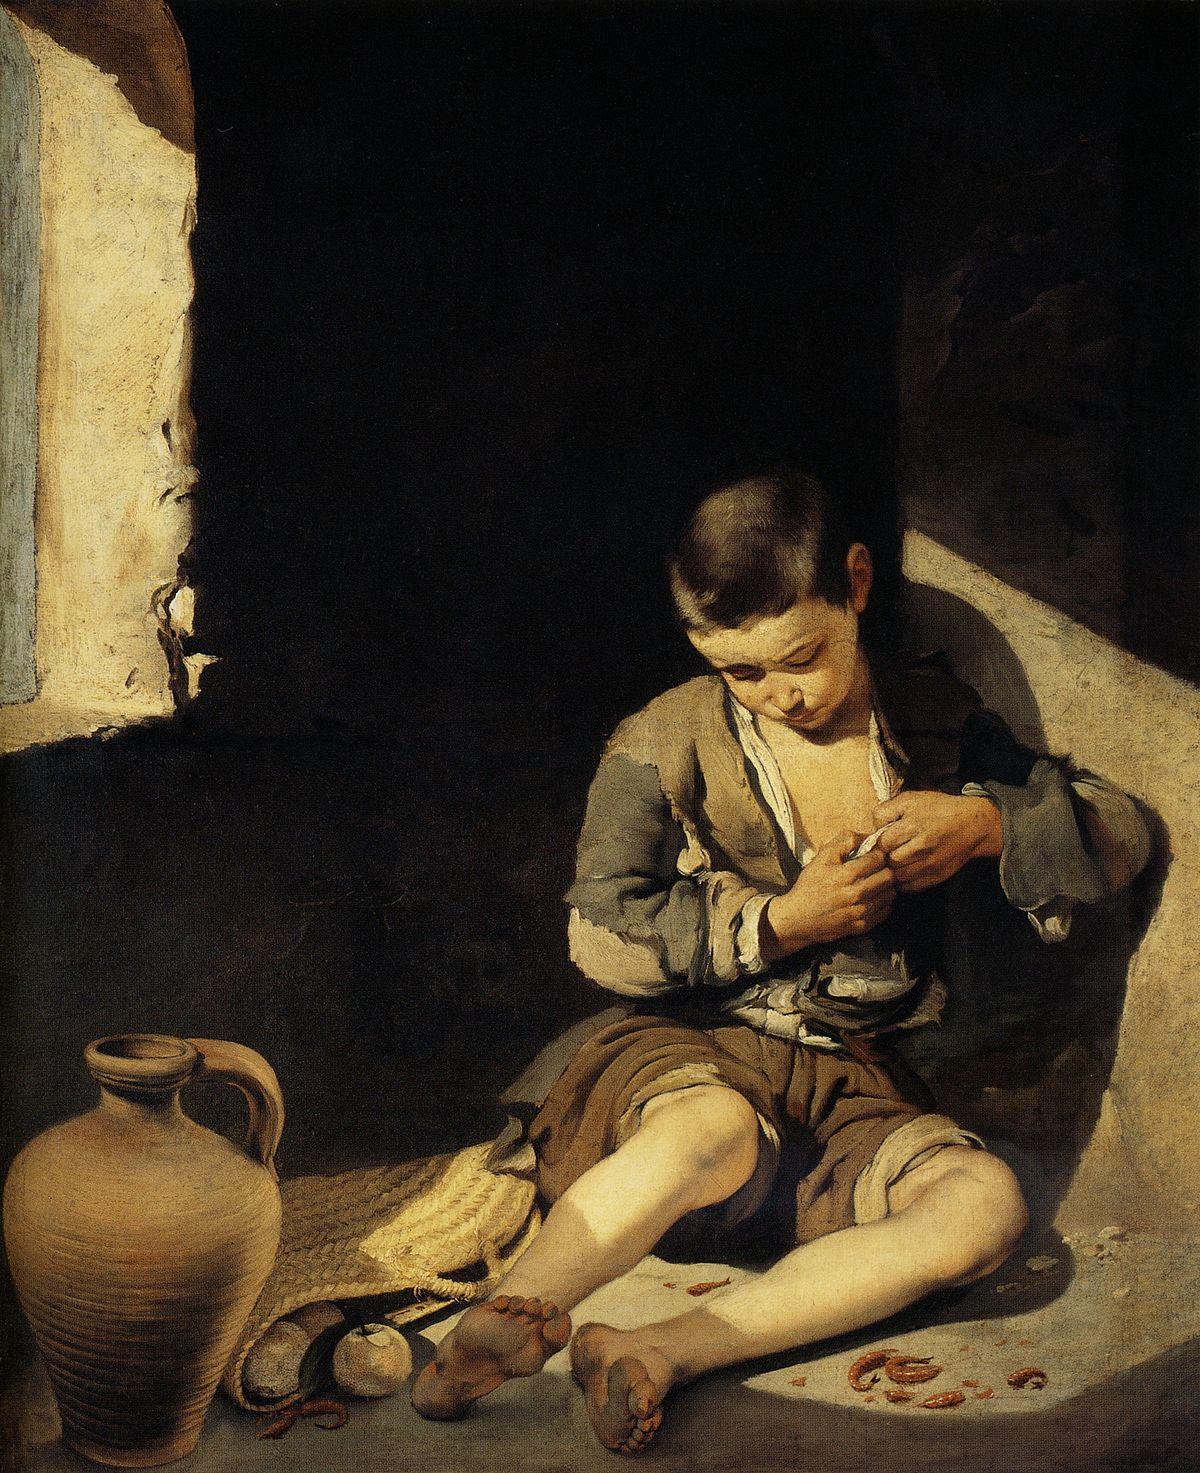 Bartolomé_Esteban_Murillo_-_The_Young_Beggar